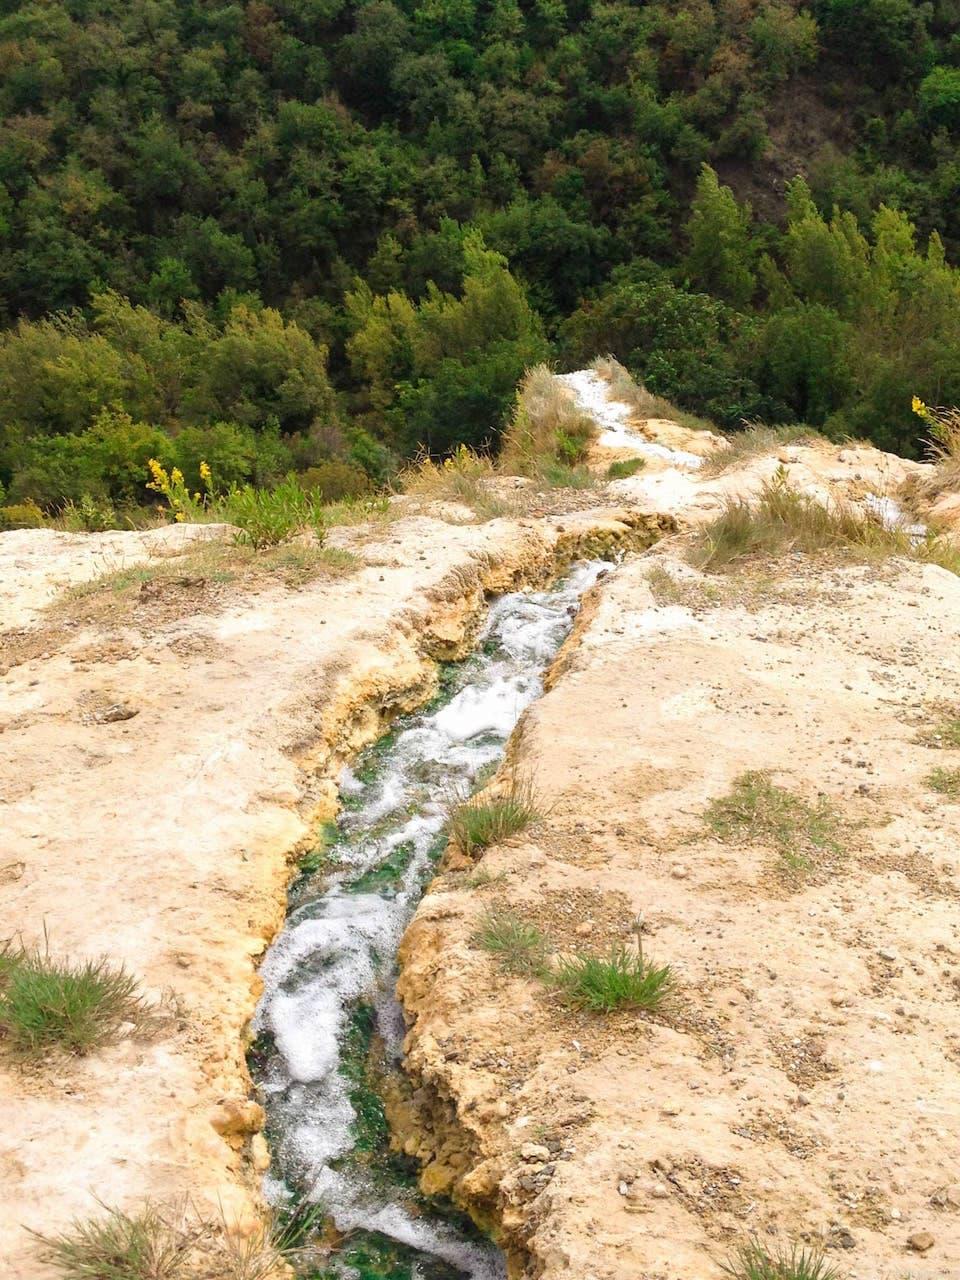 Il gorello che porta l'acqua che sgorga nella vasca centrale fino al sottostante fiume Orcia